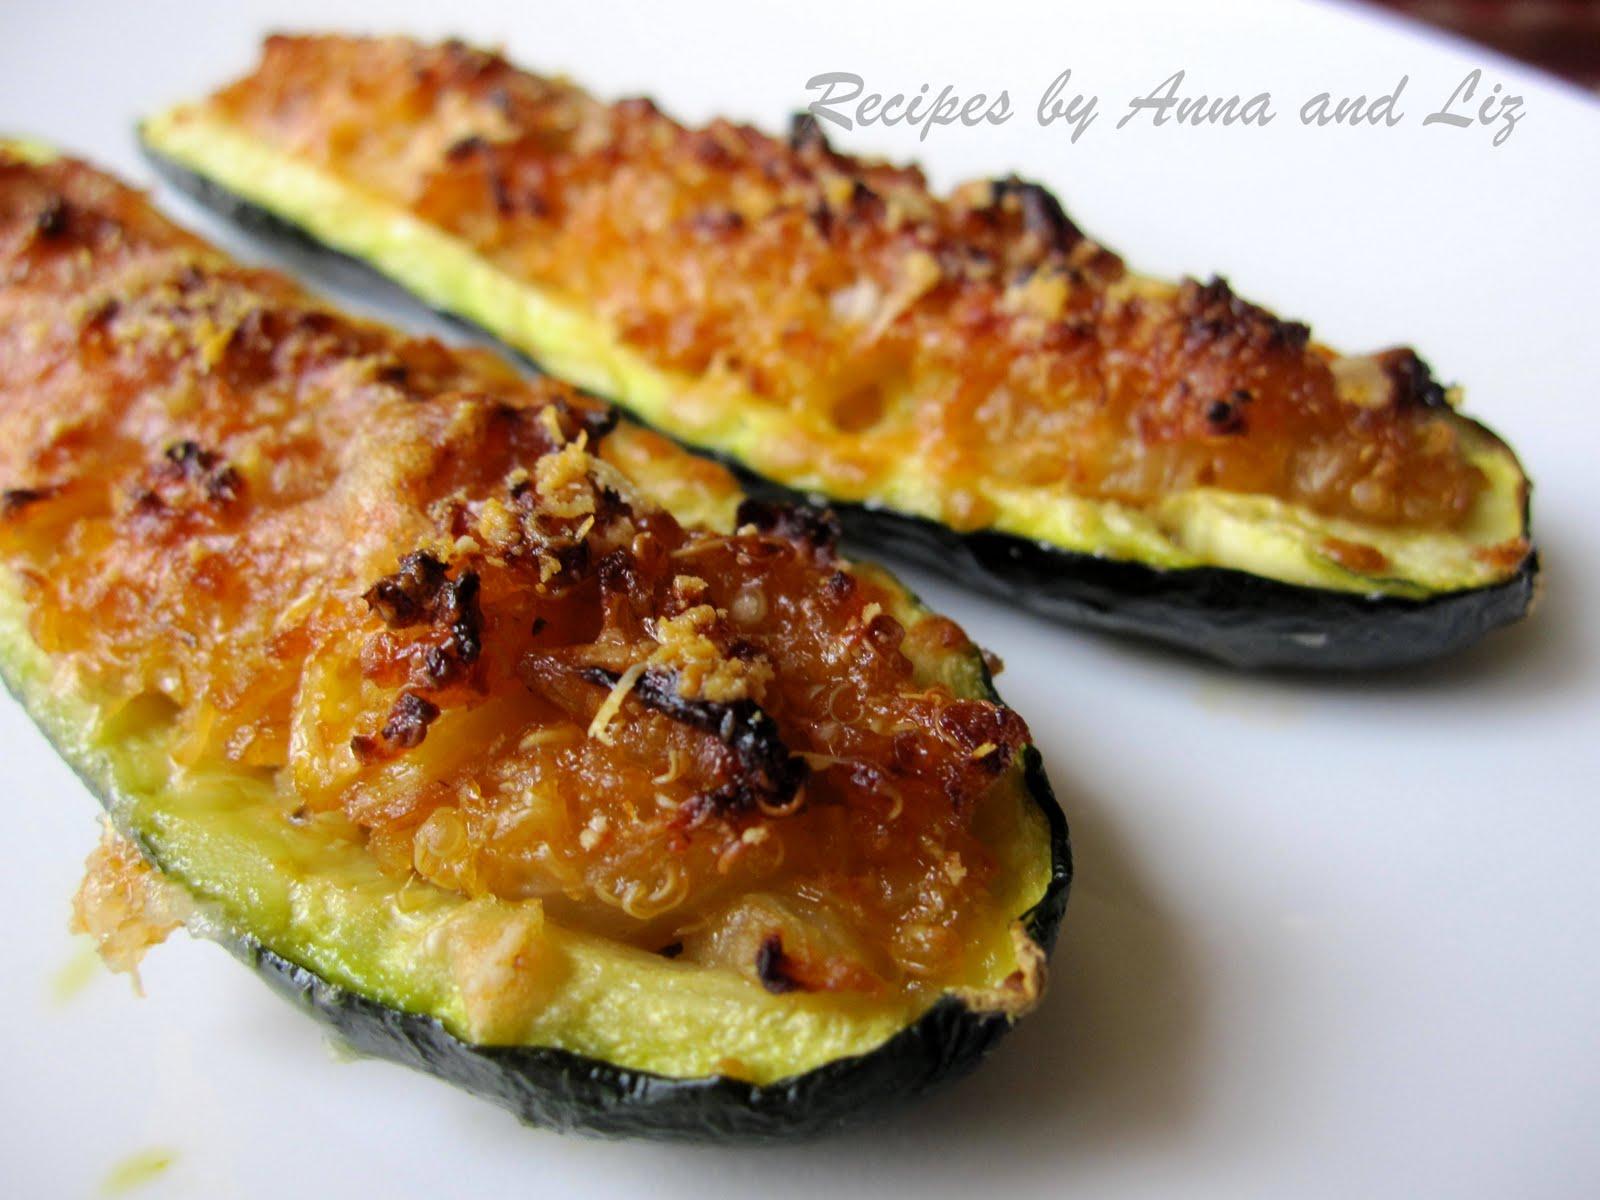 Zucchini stuffed with Quinoa, chopped zucchini, Parmesan cheese ...